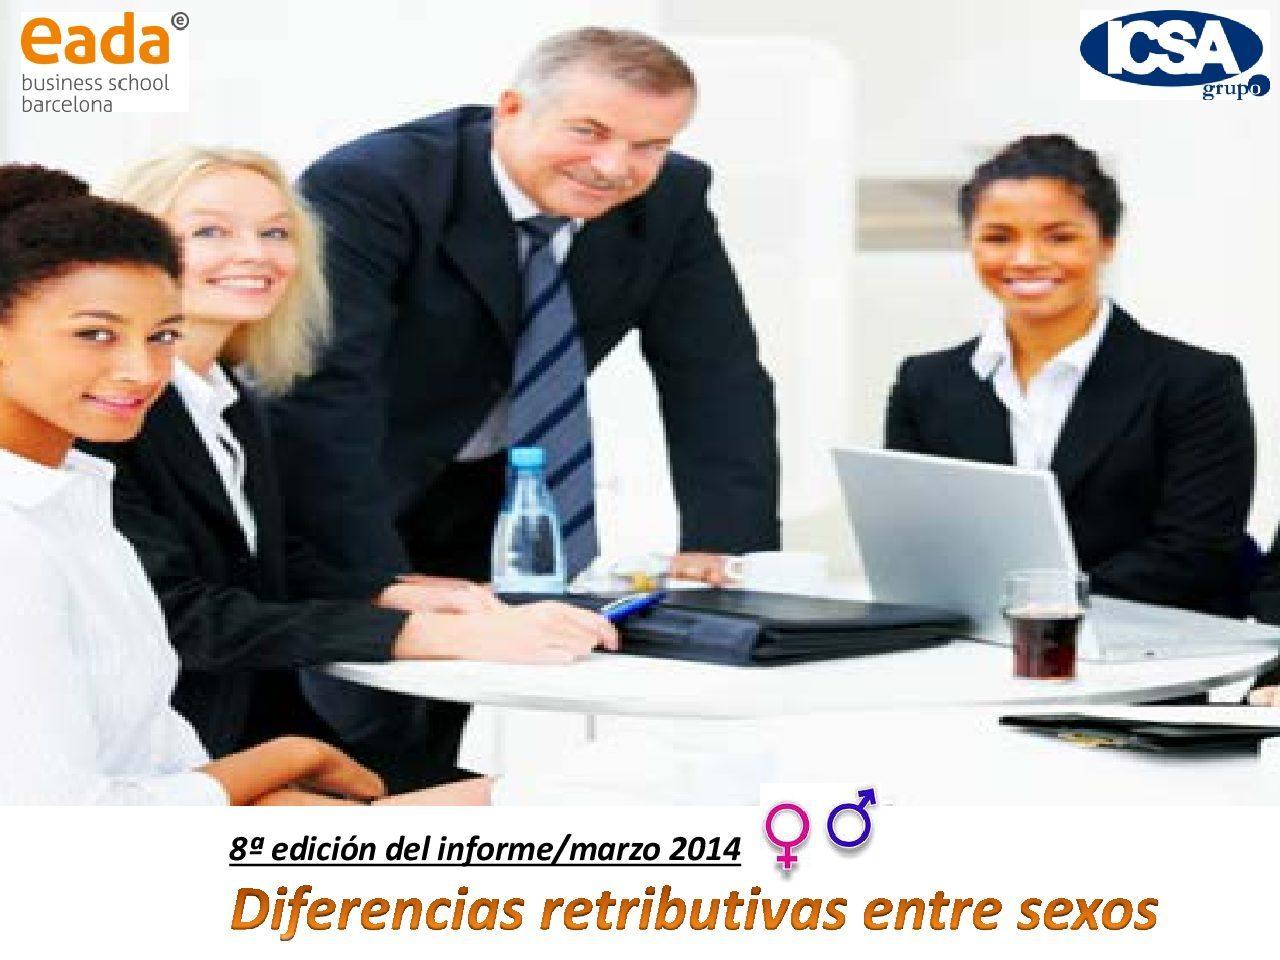 diferencias_salariales_icsa_2014-1-pdf-1280x960.jpg